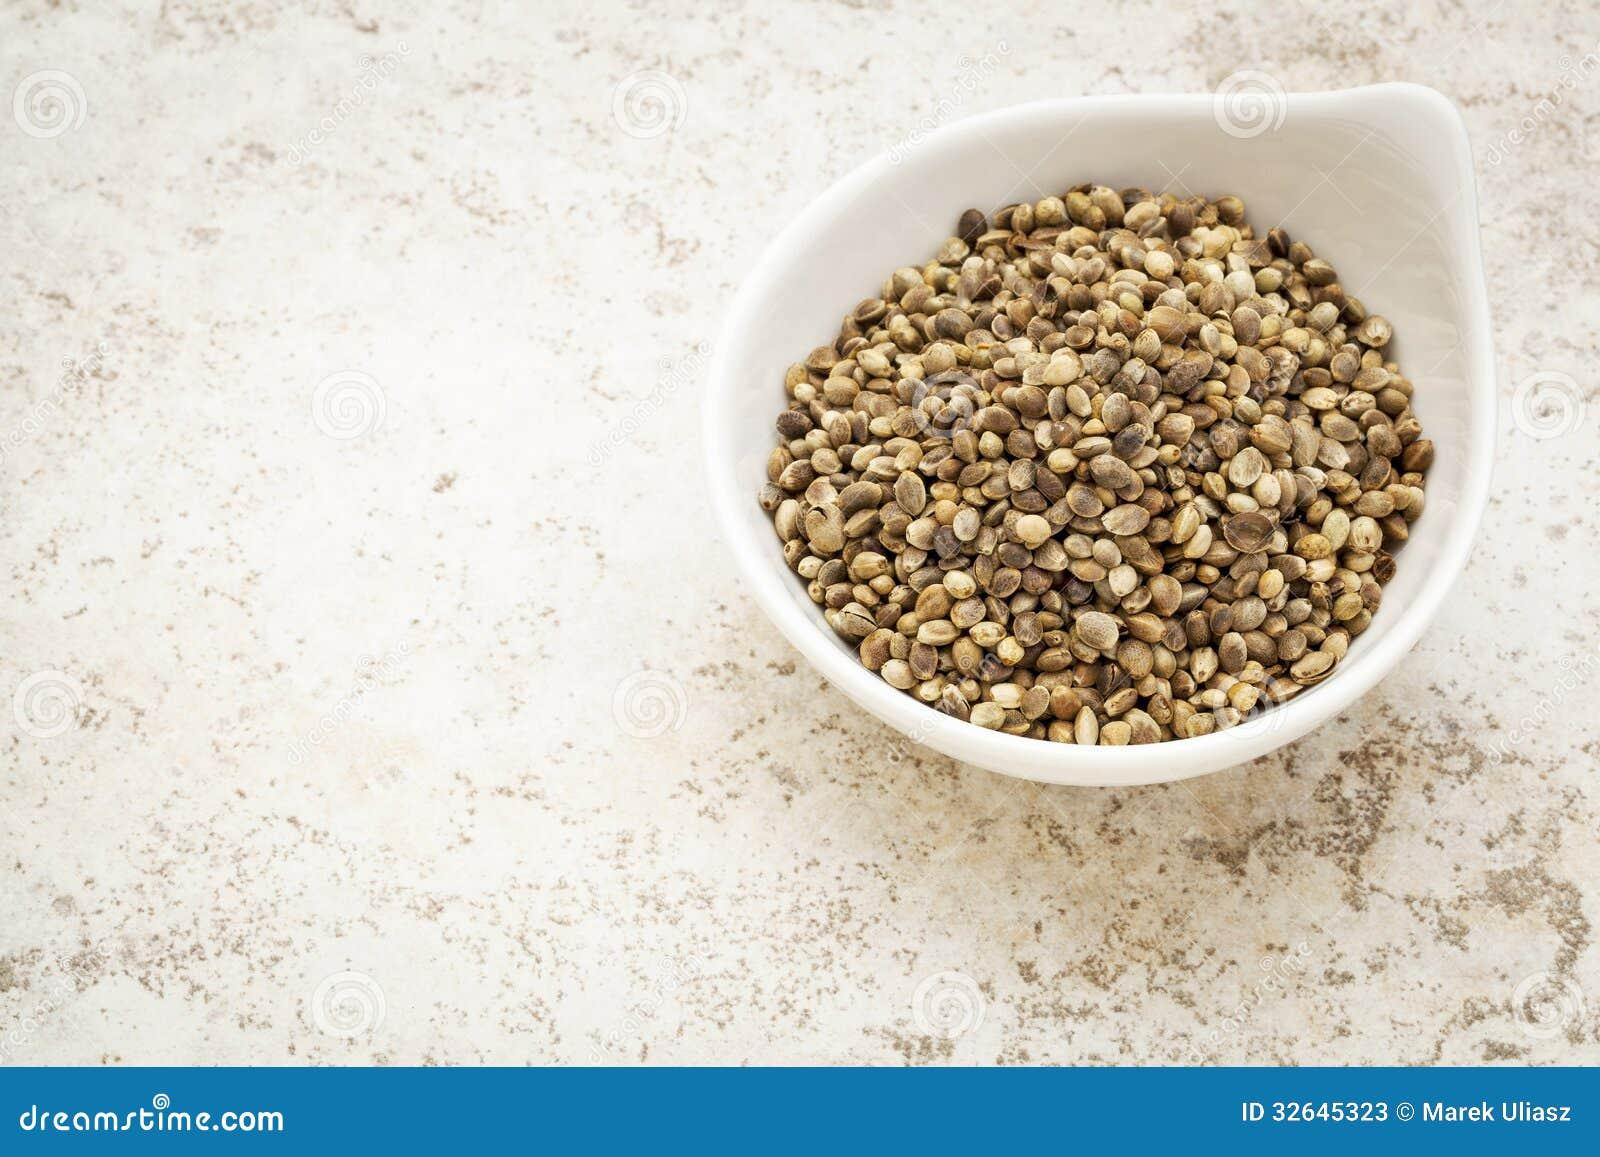 Dry hemp seed